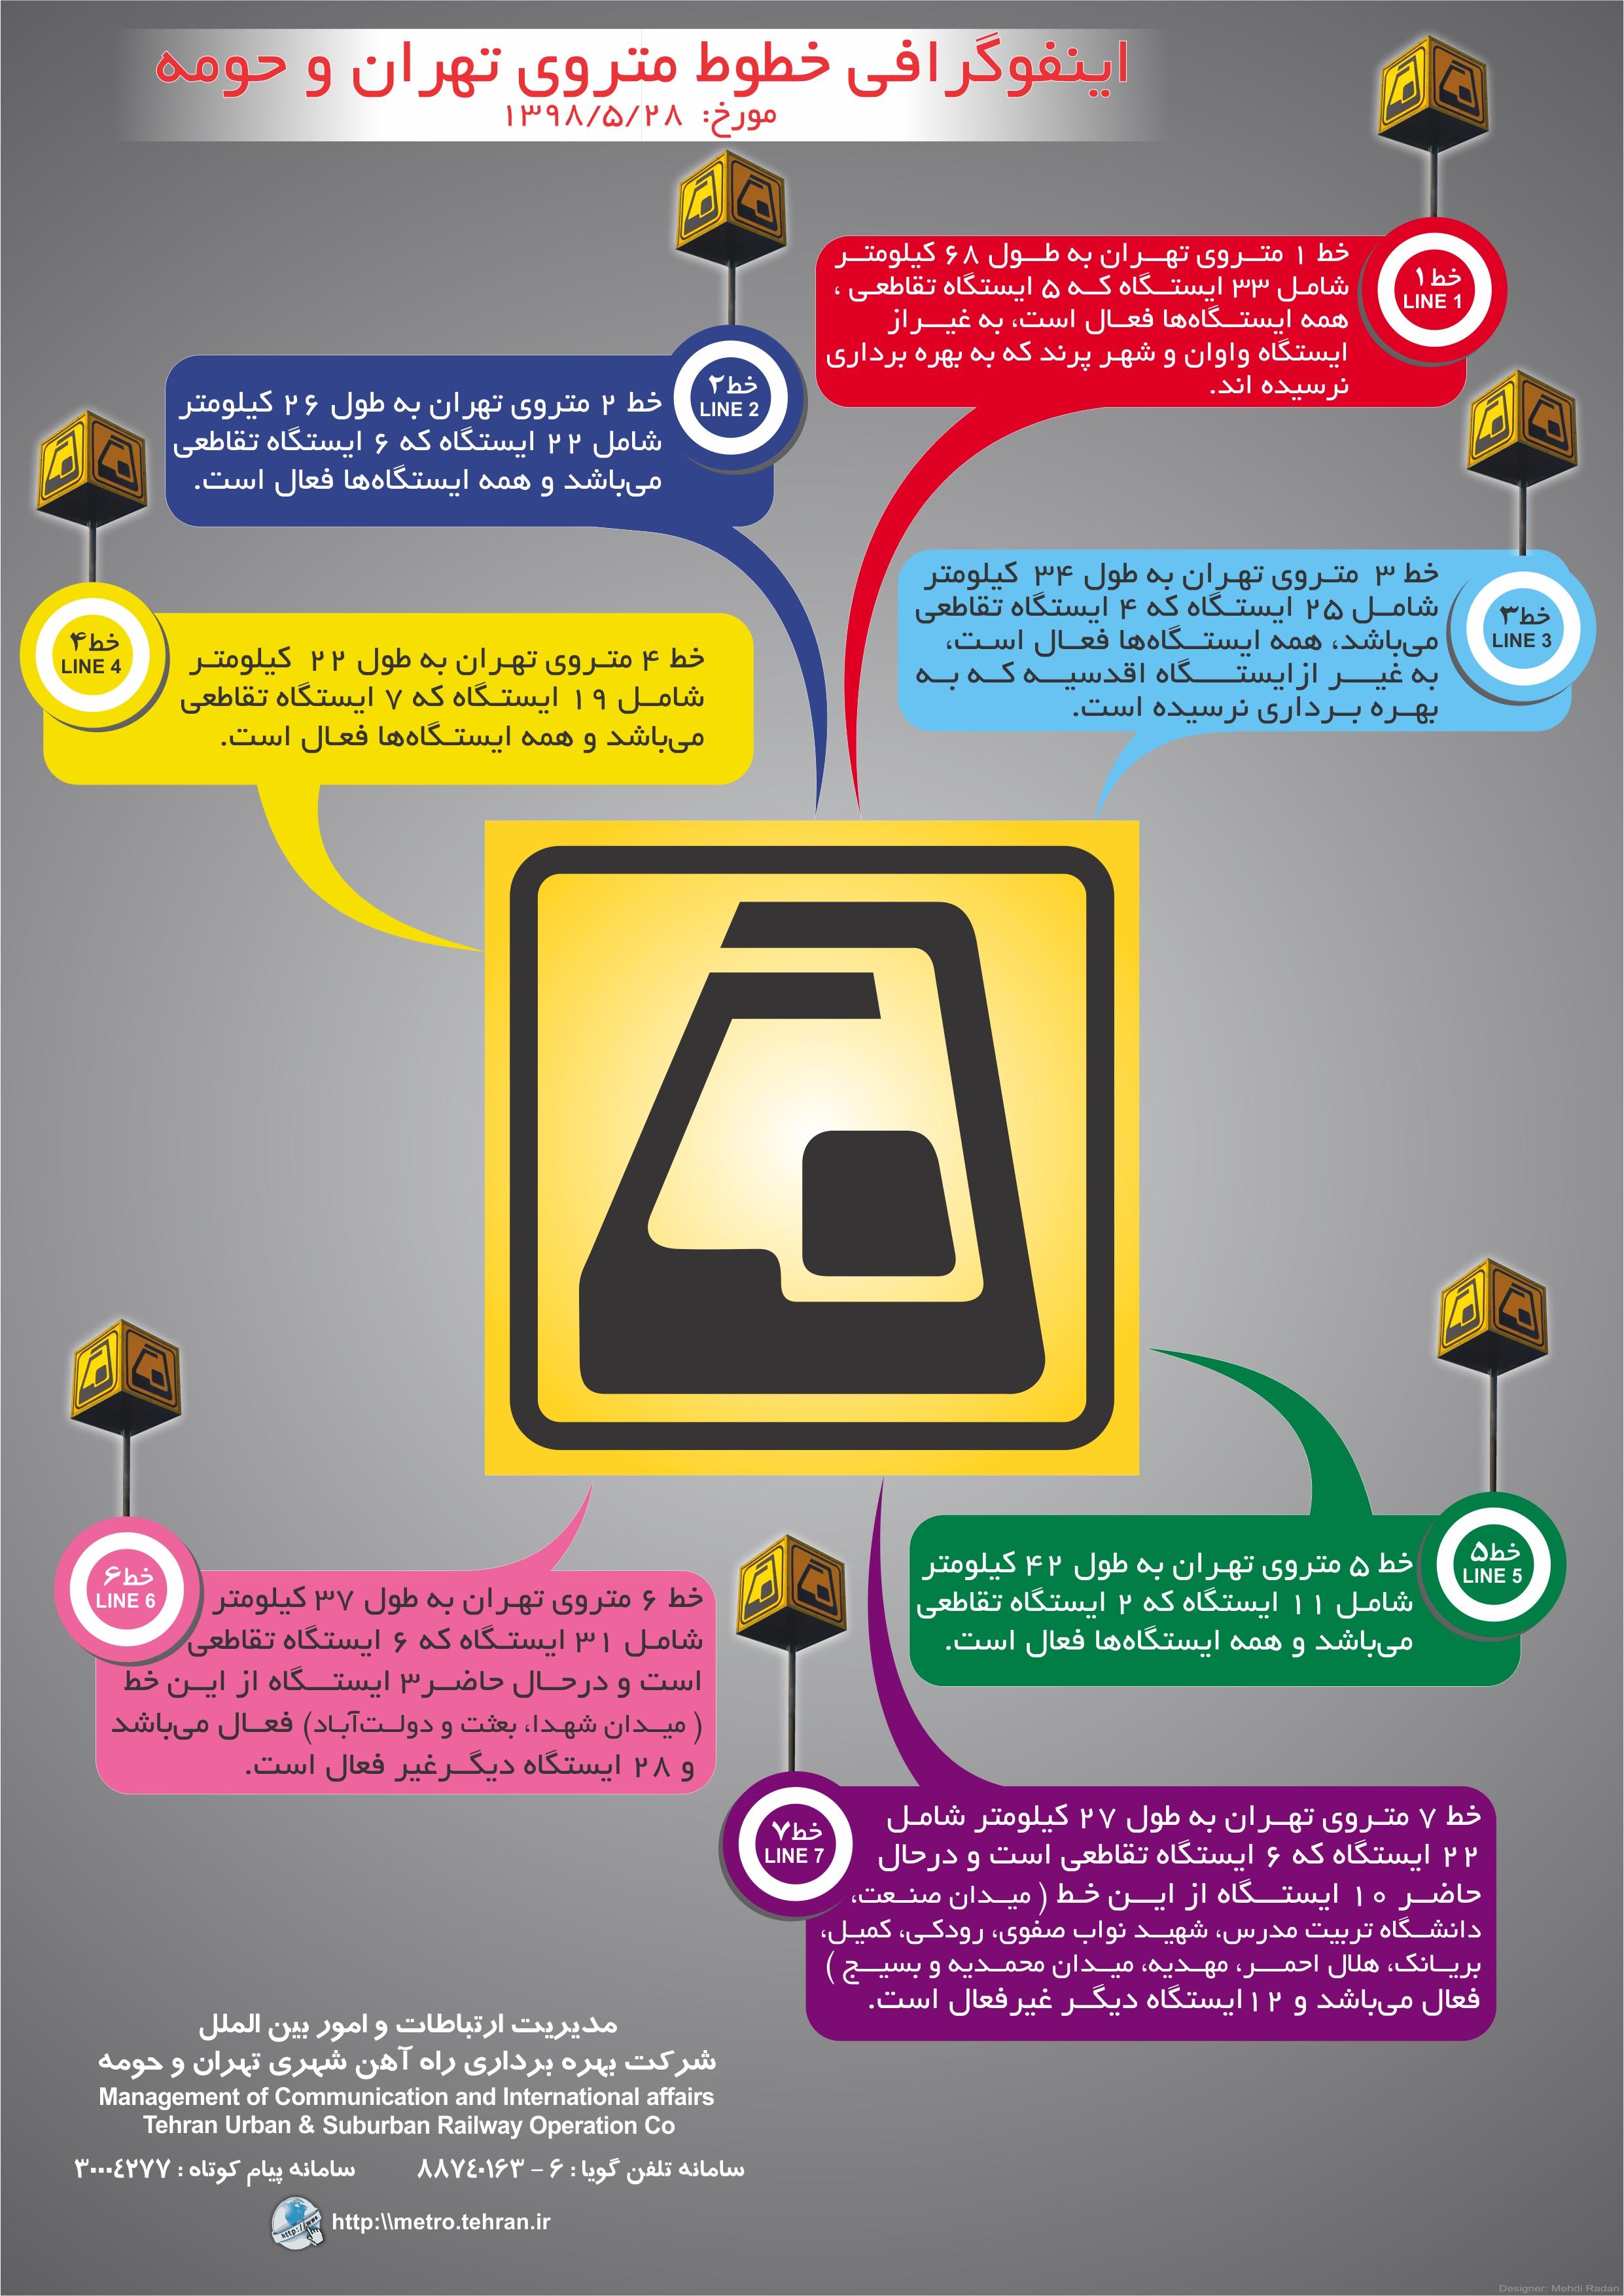 اینفوگرافی خطوط مترو تهران وحومه1